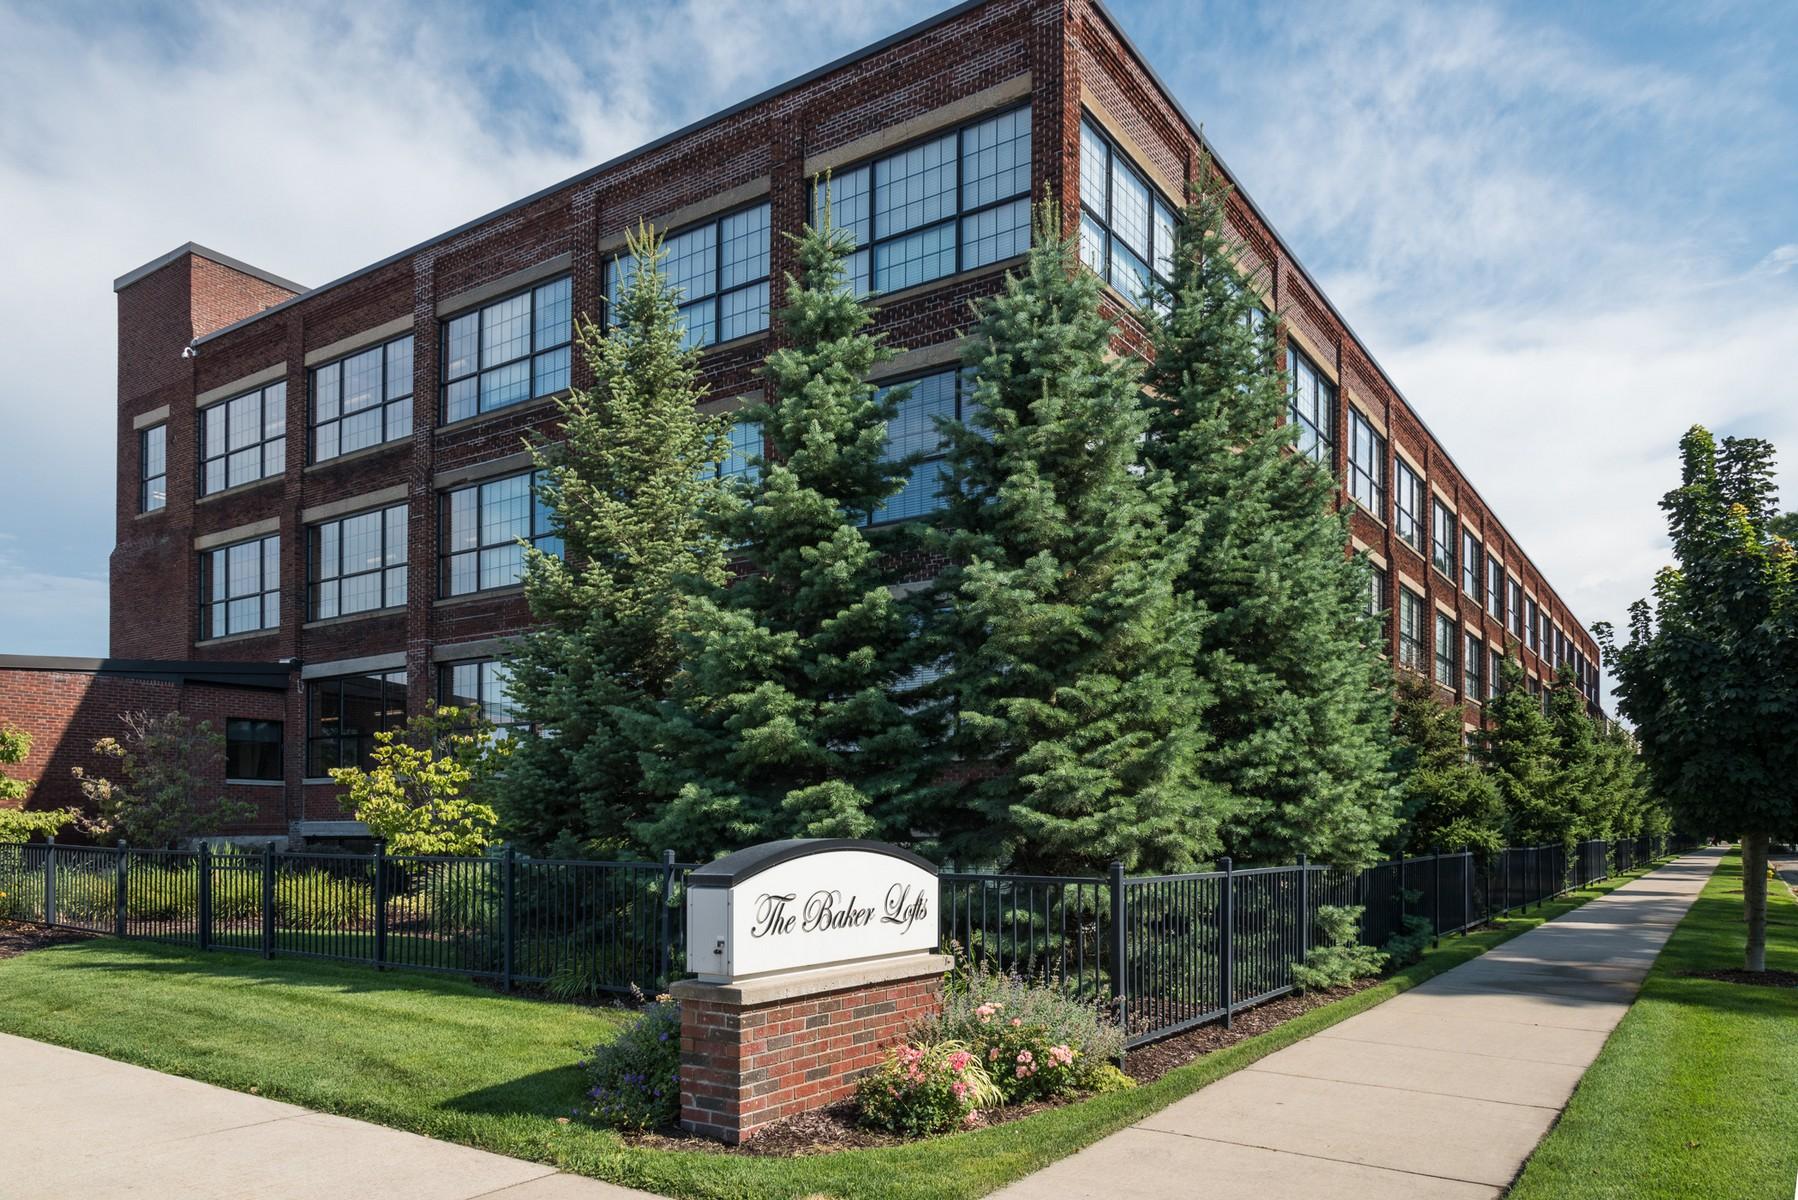 Eigentumswohnung für Verkauf beim Baker Lofts Condominium 533 Columbia Avenue Unit 103 Holland, Michigan 49423 Vereinigte Staaten